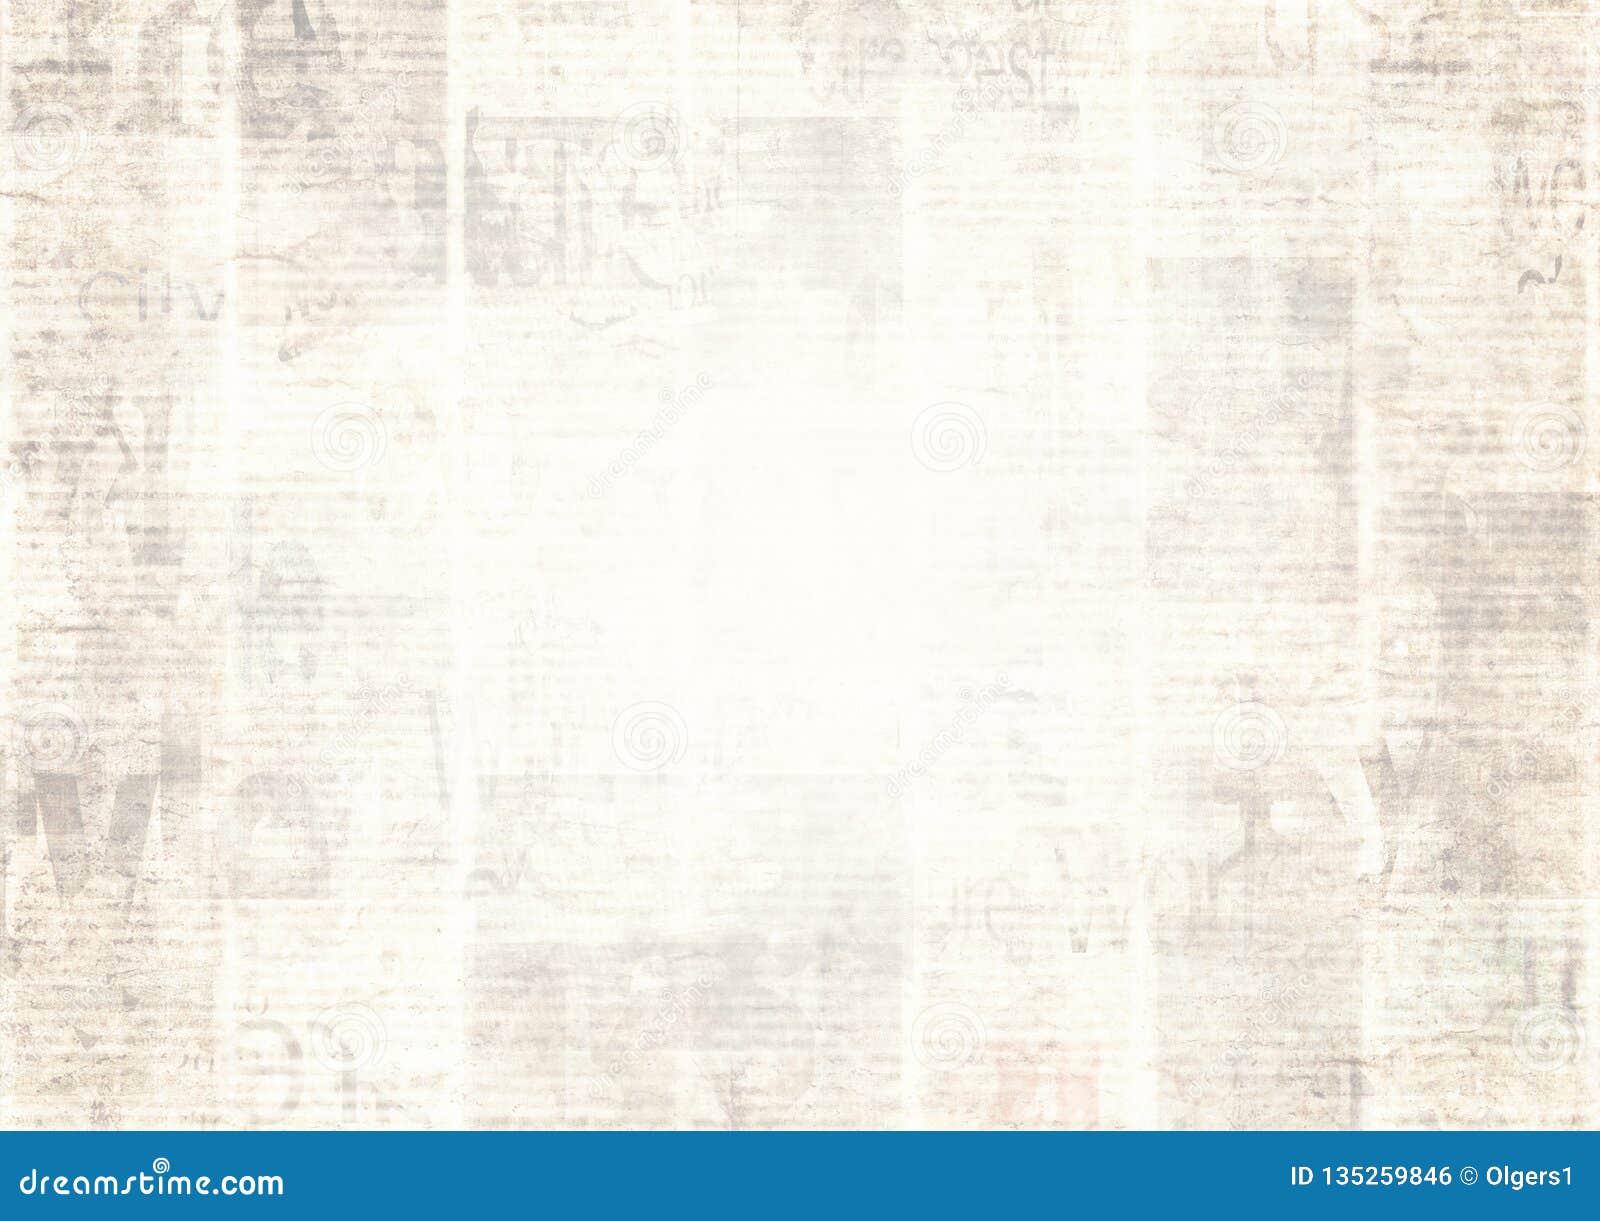 Periódico Con El Fondo De Papel Ilegible De La Textura Del Viejo